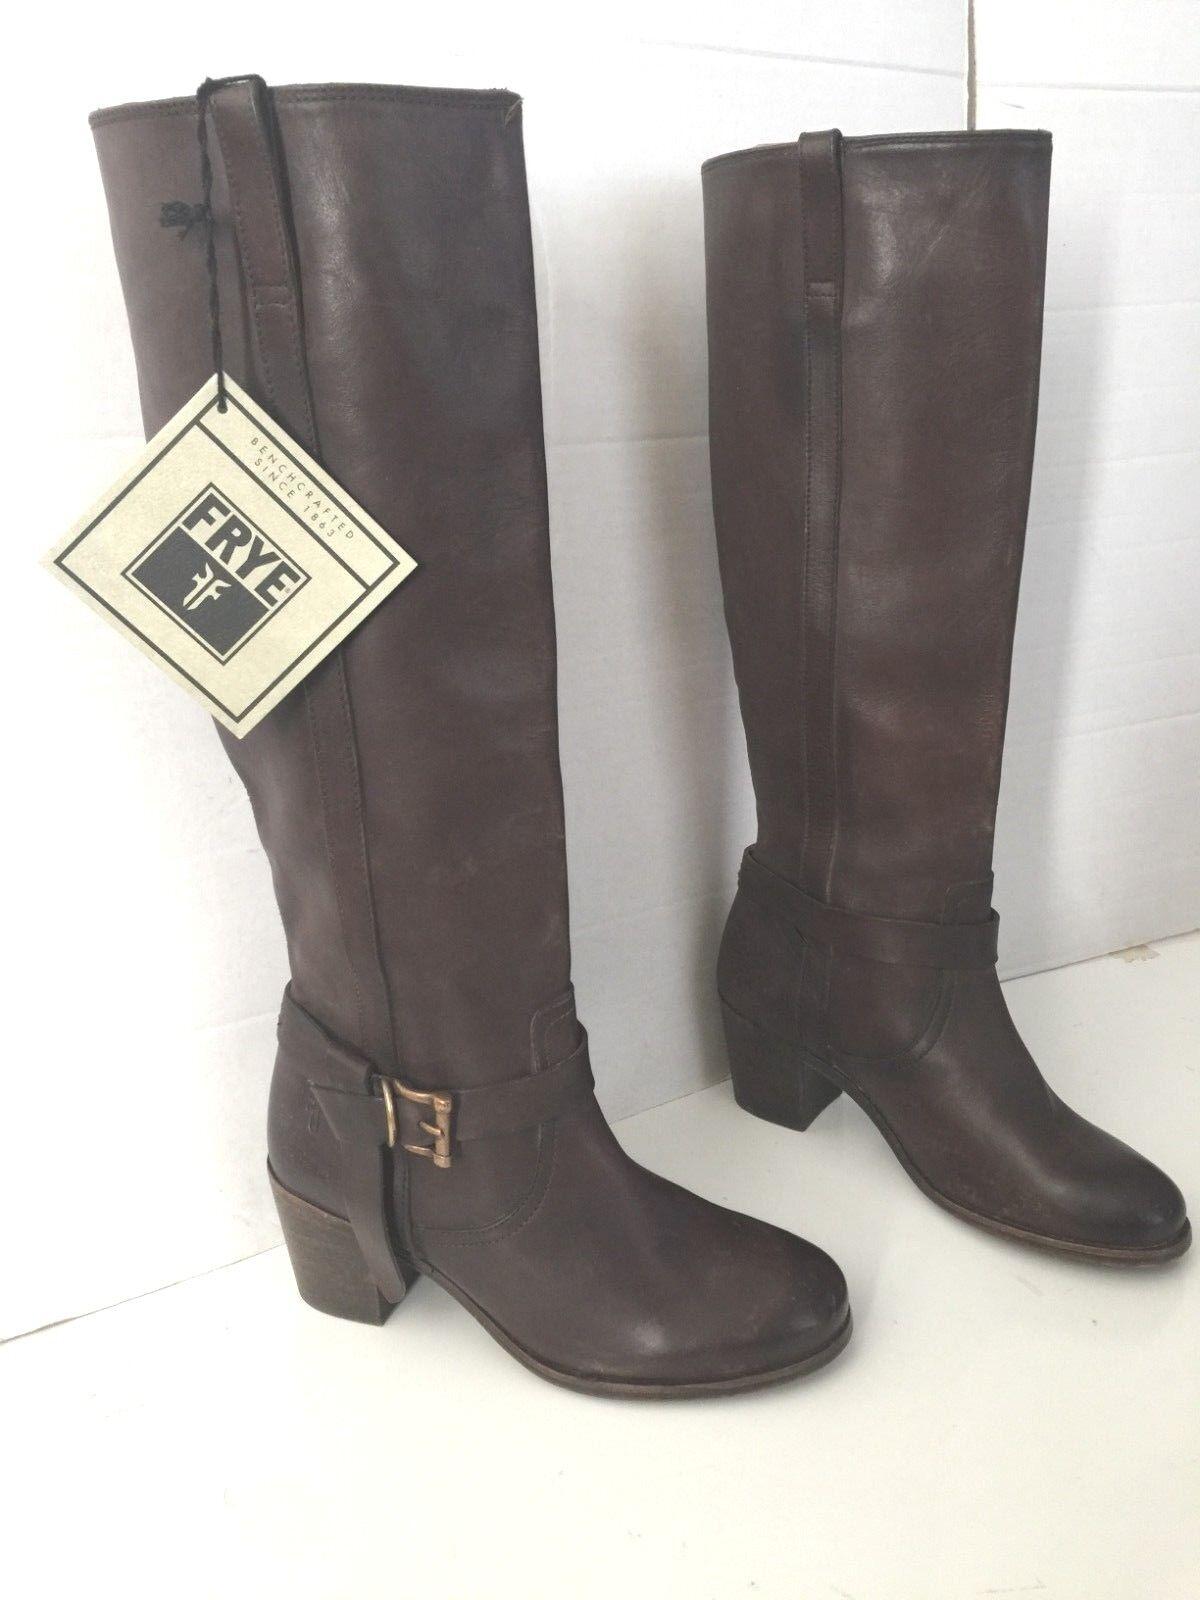 Frye 'Malorie' anudada Hebilla Marrón Oscuro botas 6.5 Altas 6.5 botas 4ebb02